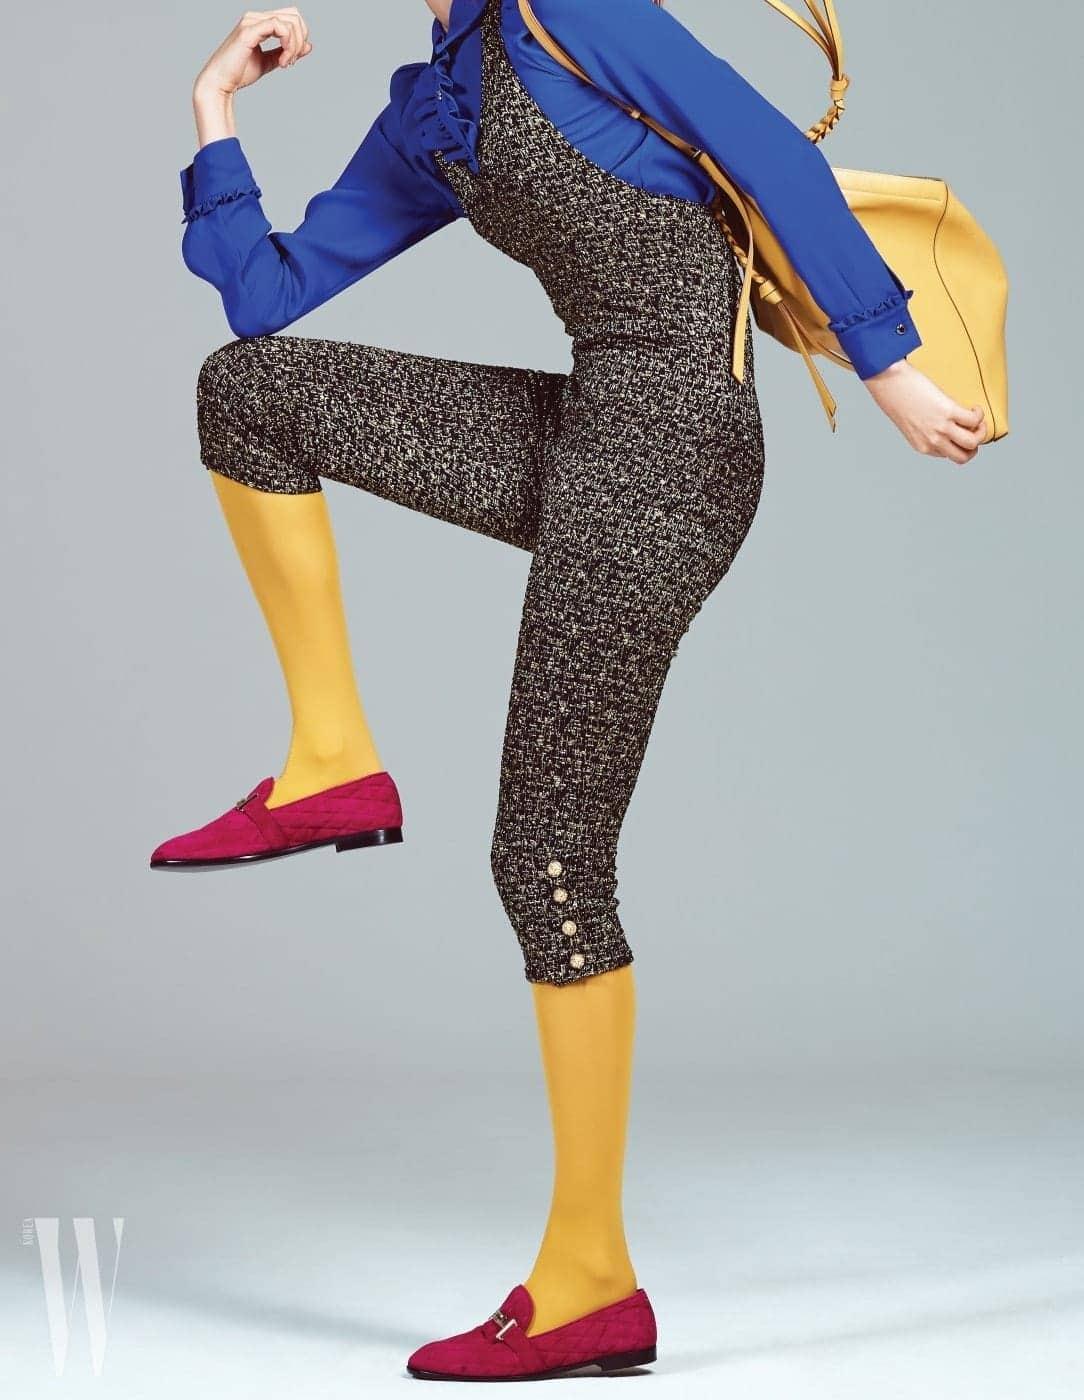 가슴과 팔에 셔링이 장식된 파란색 블라우스는 마이클 마이클 코어스 제품. 49만원. 금사가 섞인 중세풍 점프슈트는 샤넬 제품. 가격 미정. 퀼팅 처리된 자주색 로퍼는 토즈 제품. 1백만원대. 가죽 끈이 달린 삼각형 형태의 노랑 숄더백은 셀린 제품. 가격 미정. 주황색 스타킹은 스타일리스트 소장품.